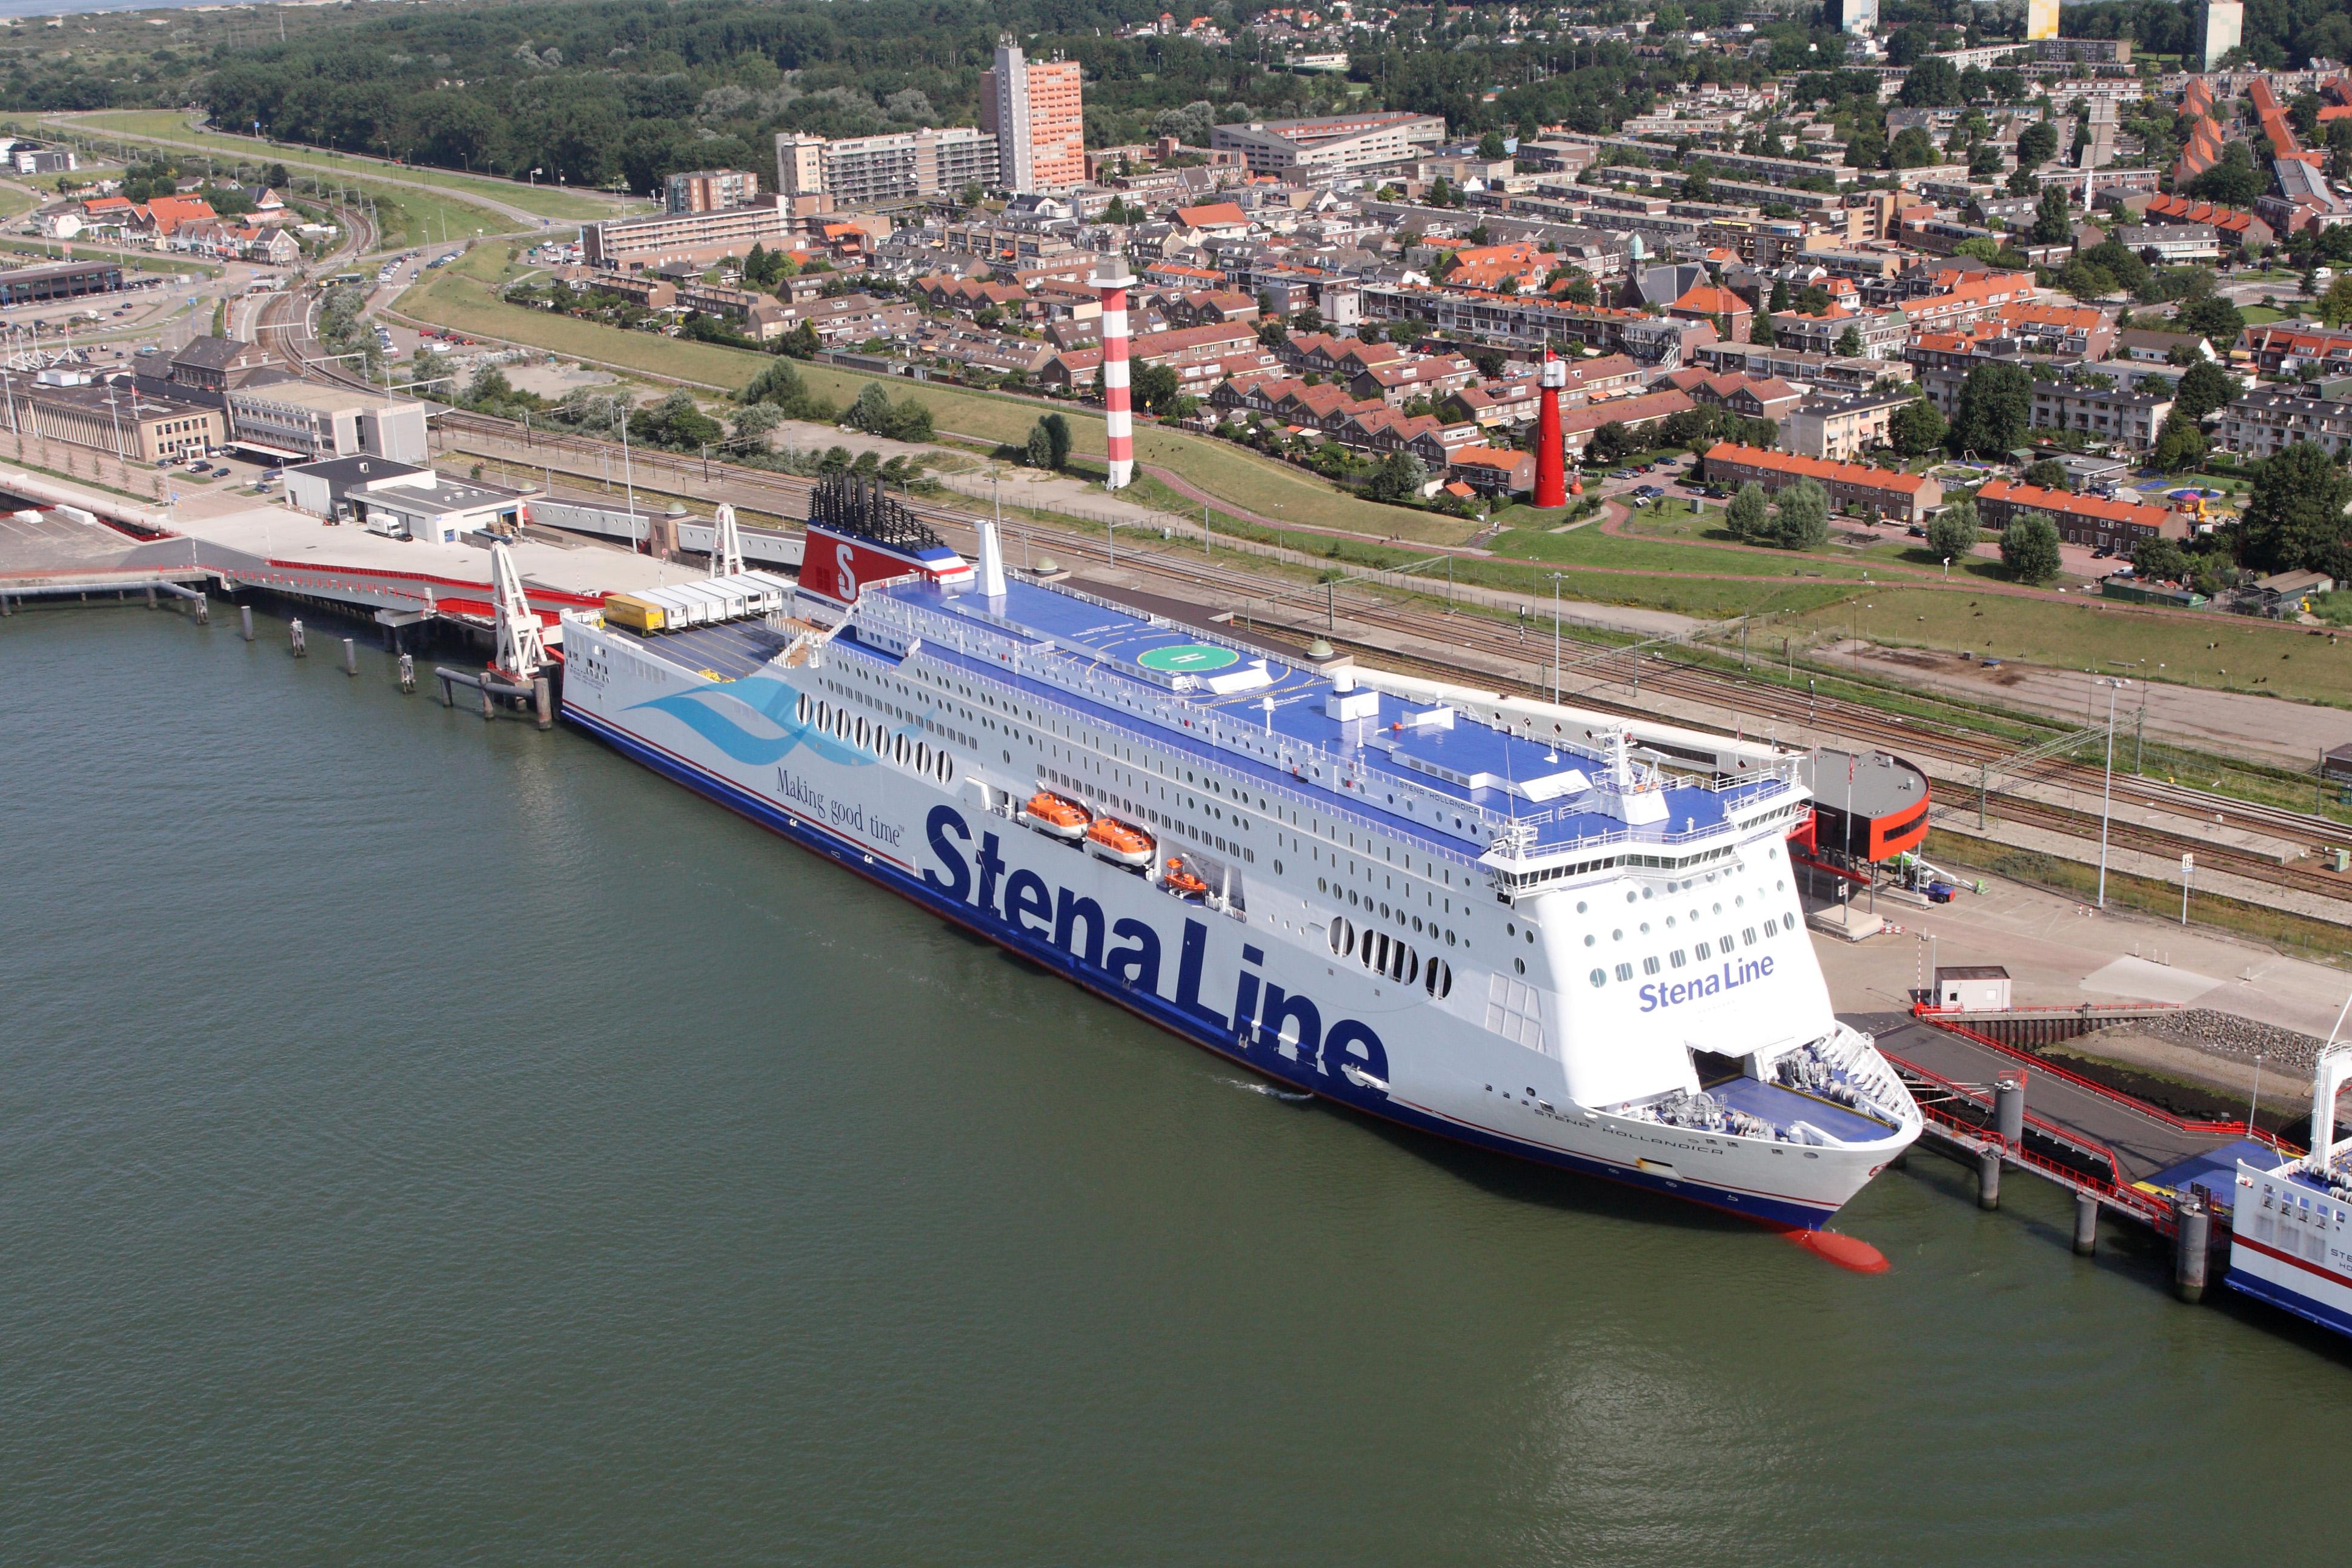 Die Stena Hollandica bringt uns wieder von England zurück aufs Festland